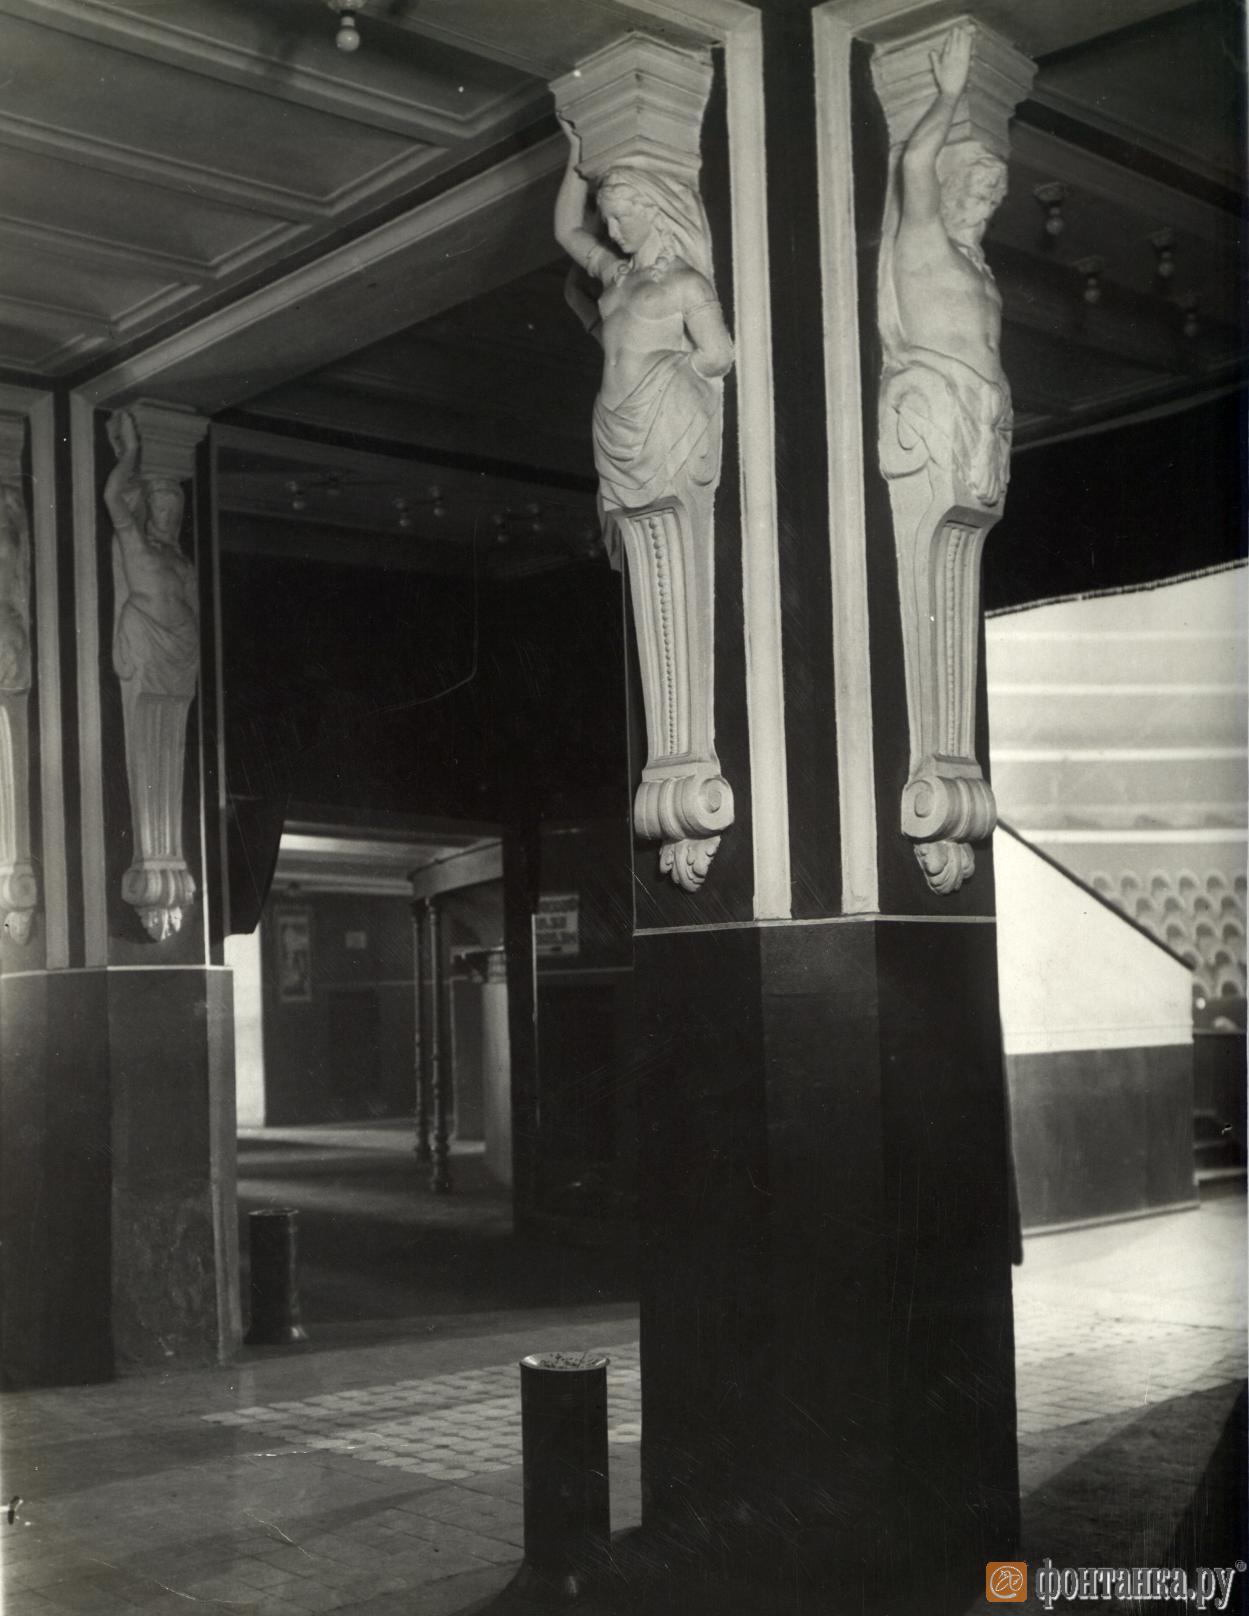 Кариатиды восстановят в холле по историческим фотографиям